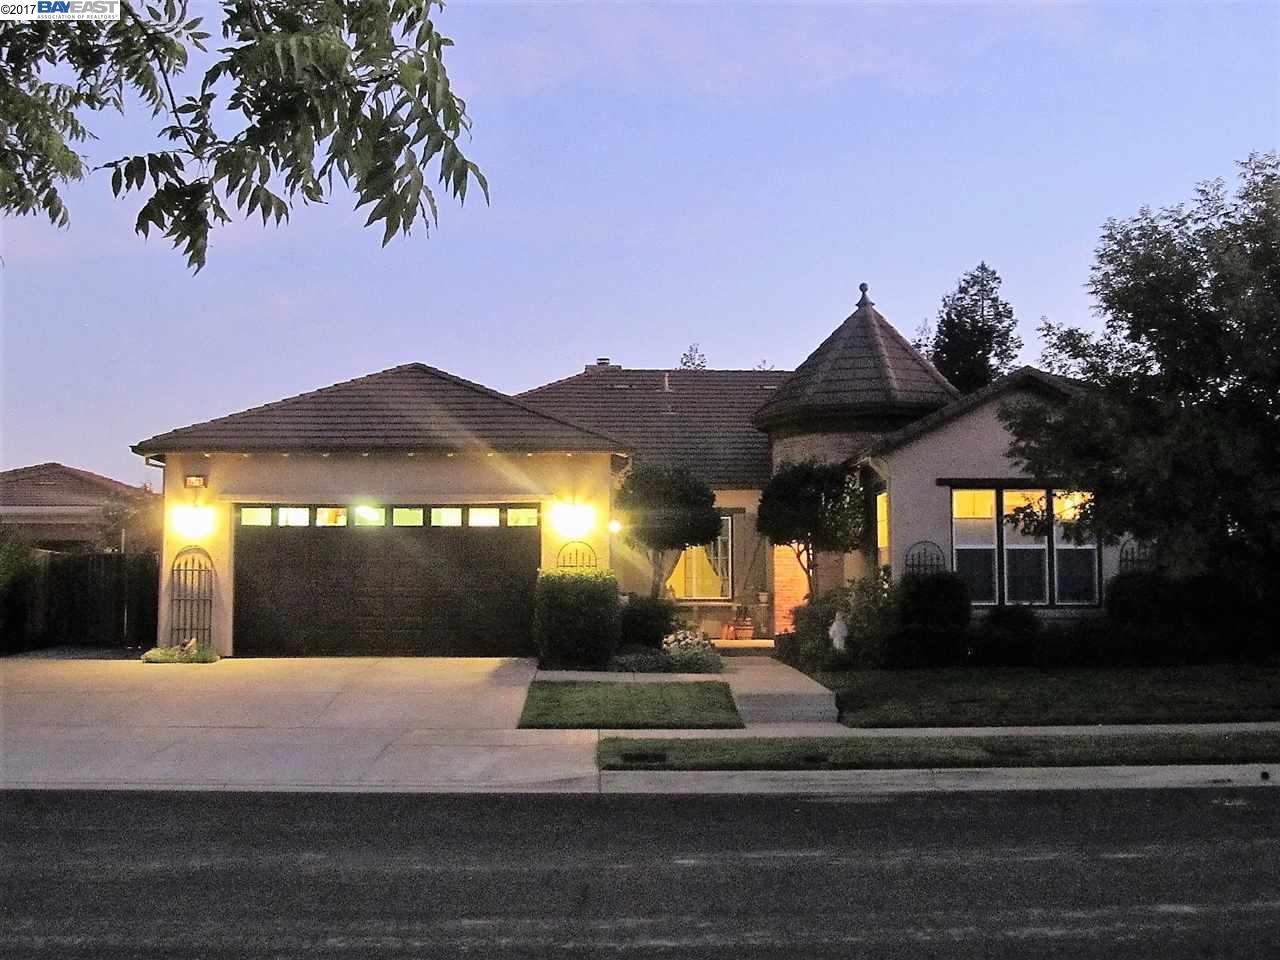 一戸建て のために 売買 アット 1023 FIORE BELLA WAY 1023 FIORE BELLA WAY Livermore, カリフォルニア 94550 アメリカ合衆国